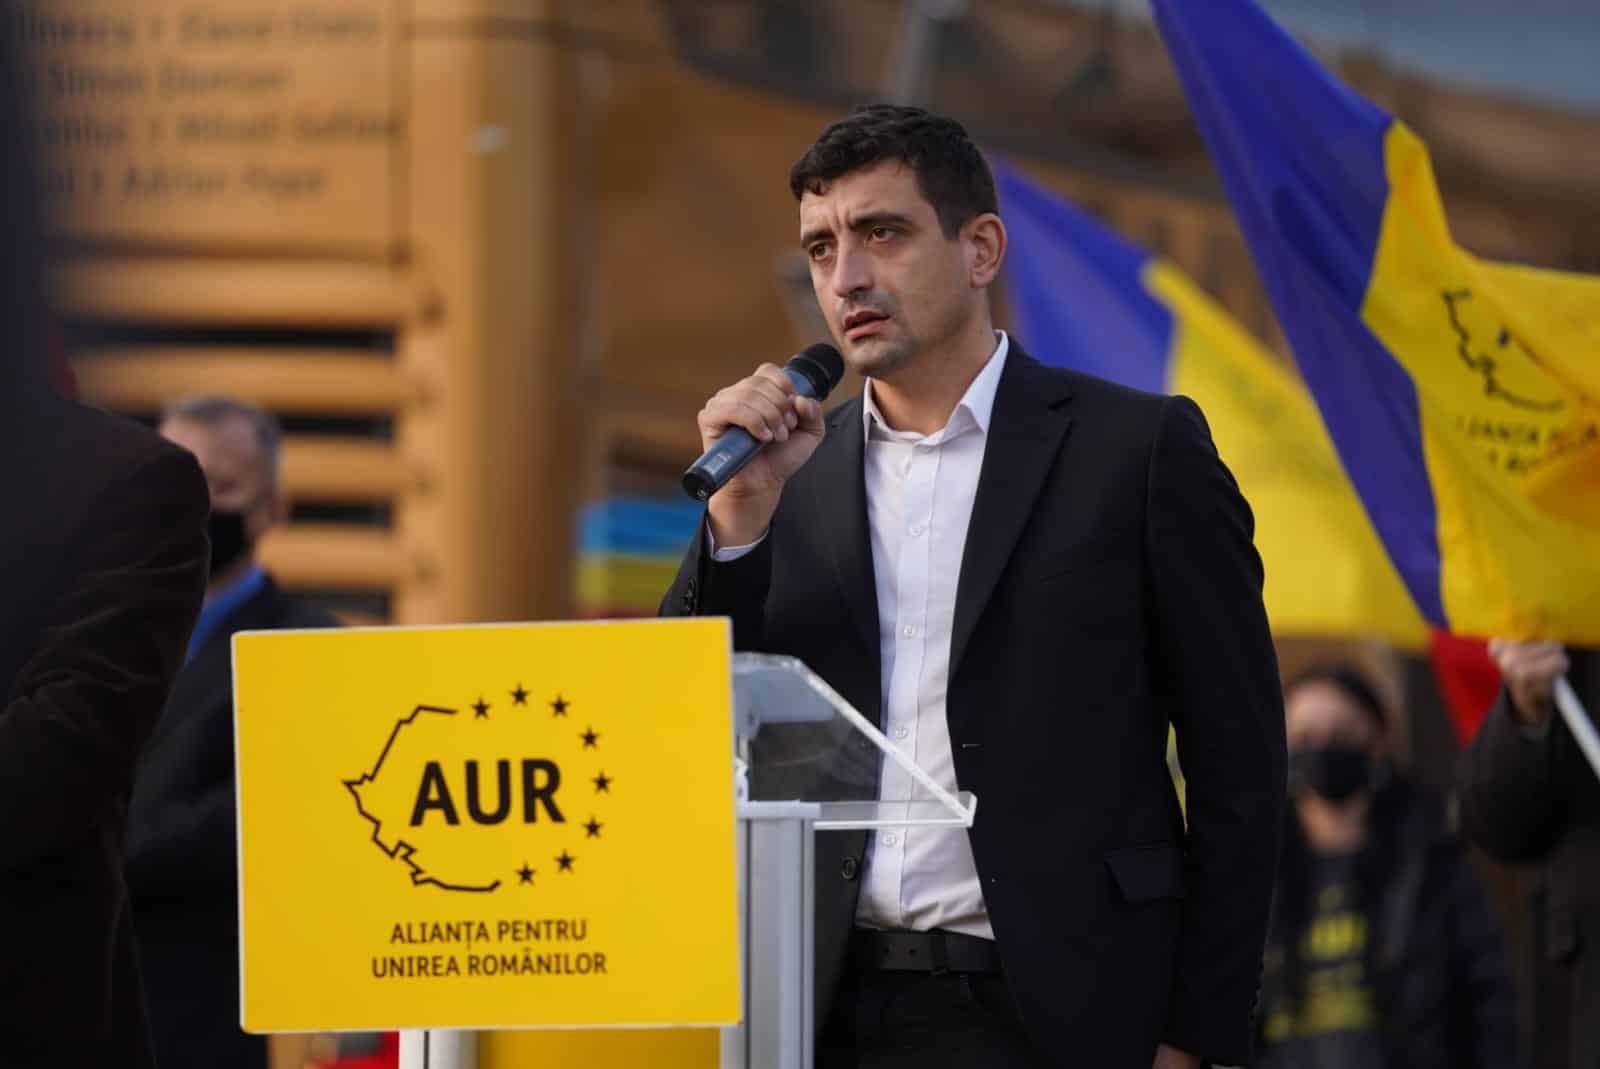 AUR salută înlăturarea de la putere a pionului Moscovei în R. Moldova și așteaptă din partea Maiei Sandu corectarea unei nedreptăți